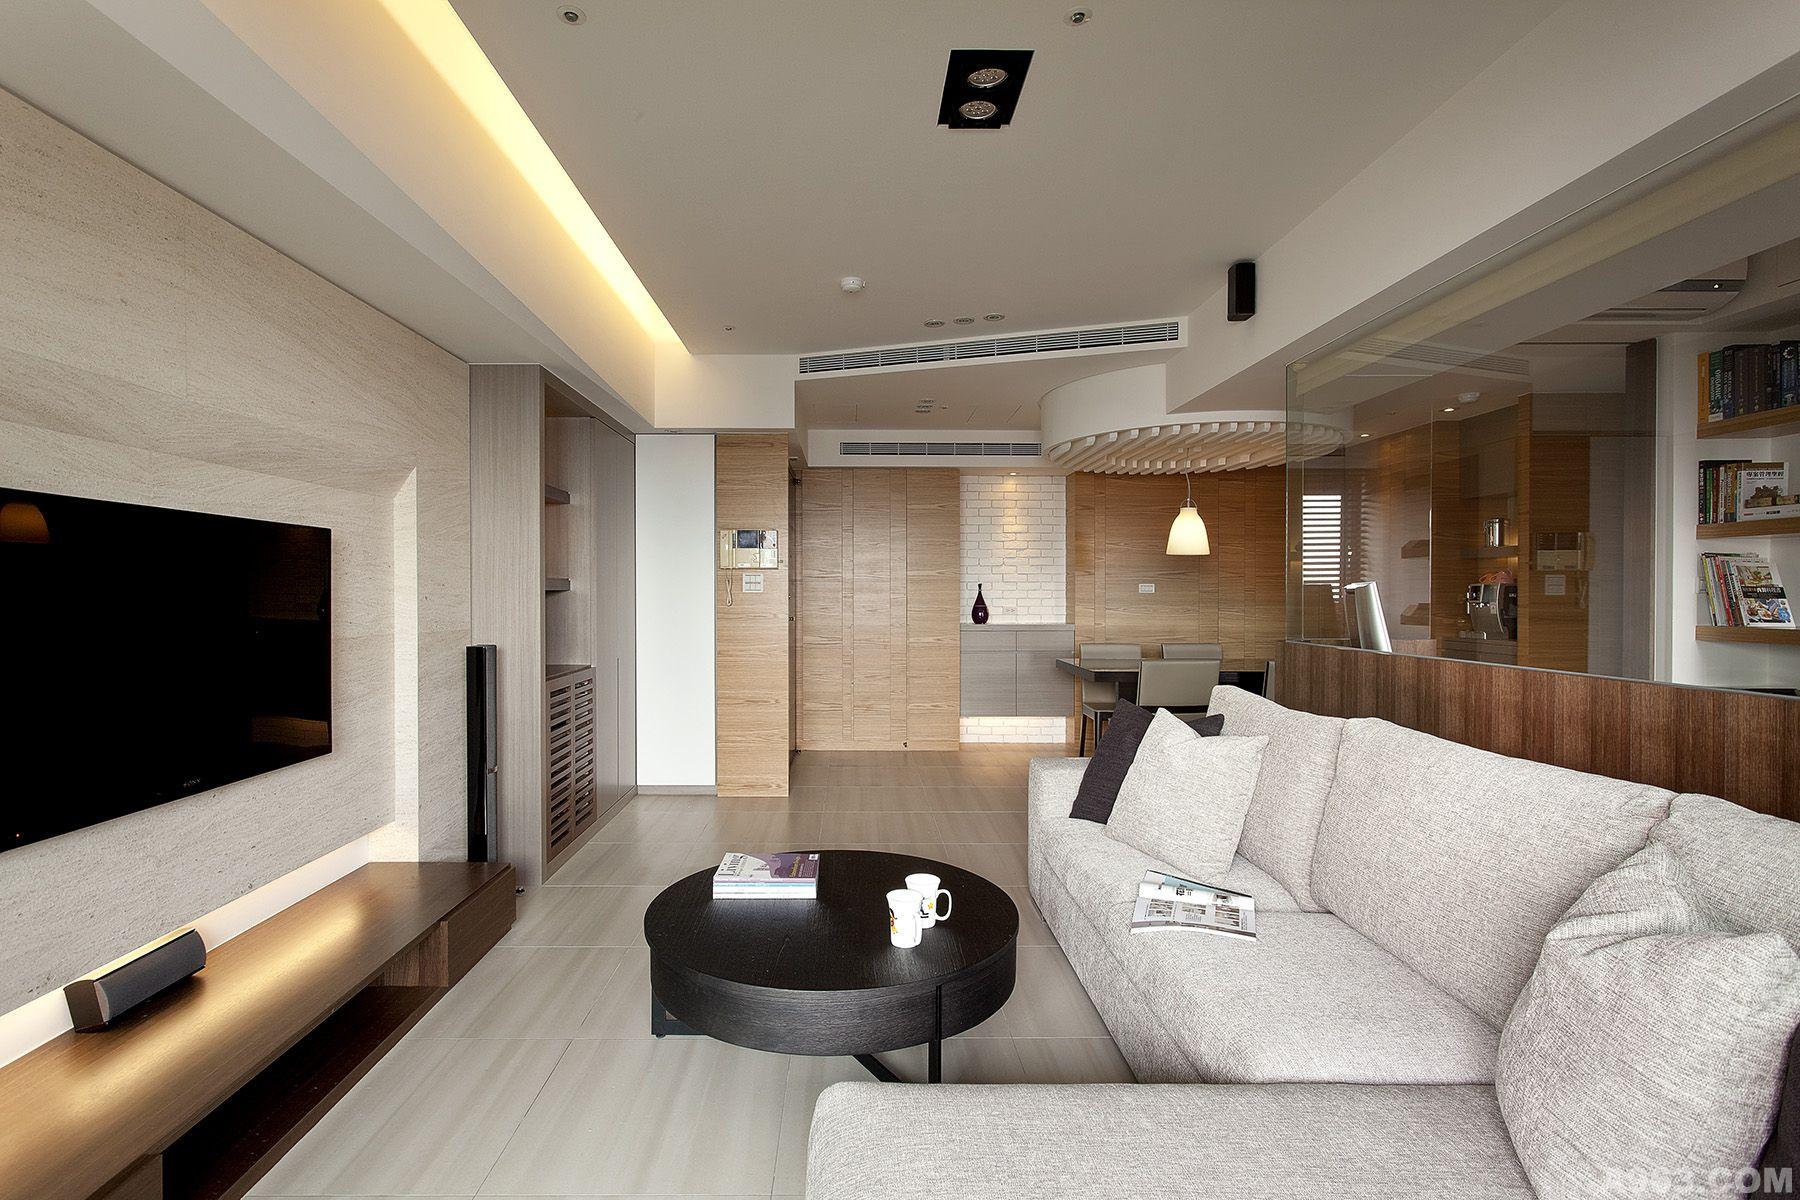 板桥林宅 - 普通家装设计 - 第3页 - 偕志宇设计作品